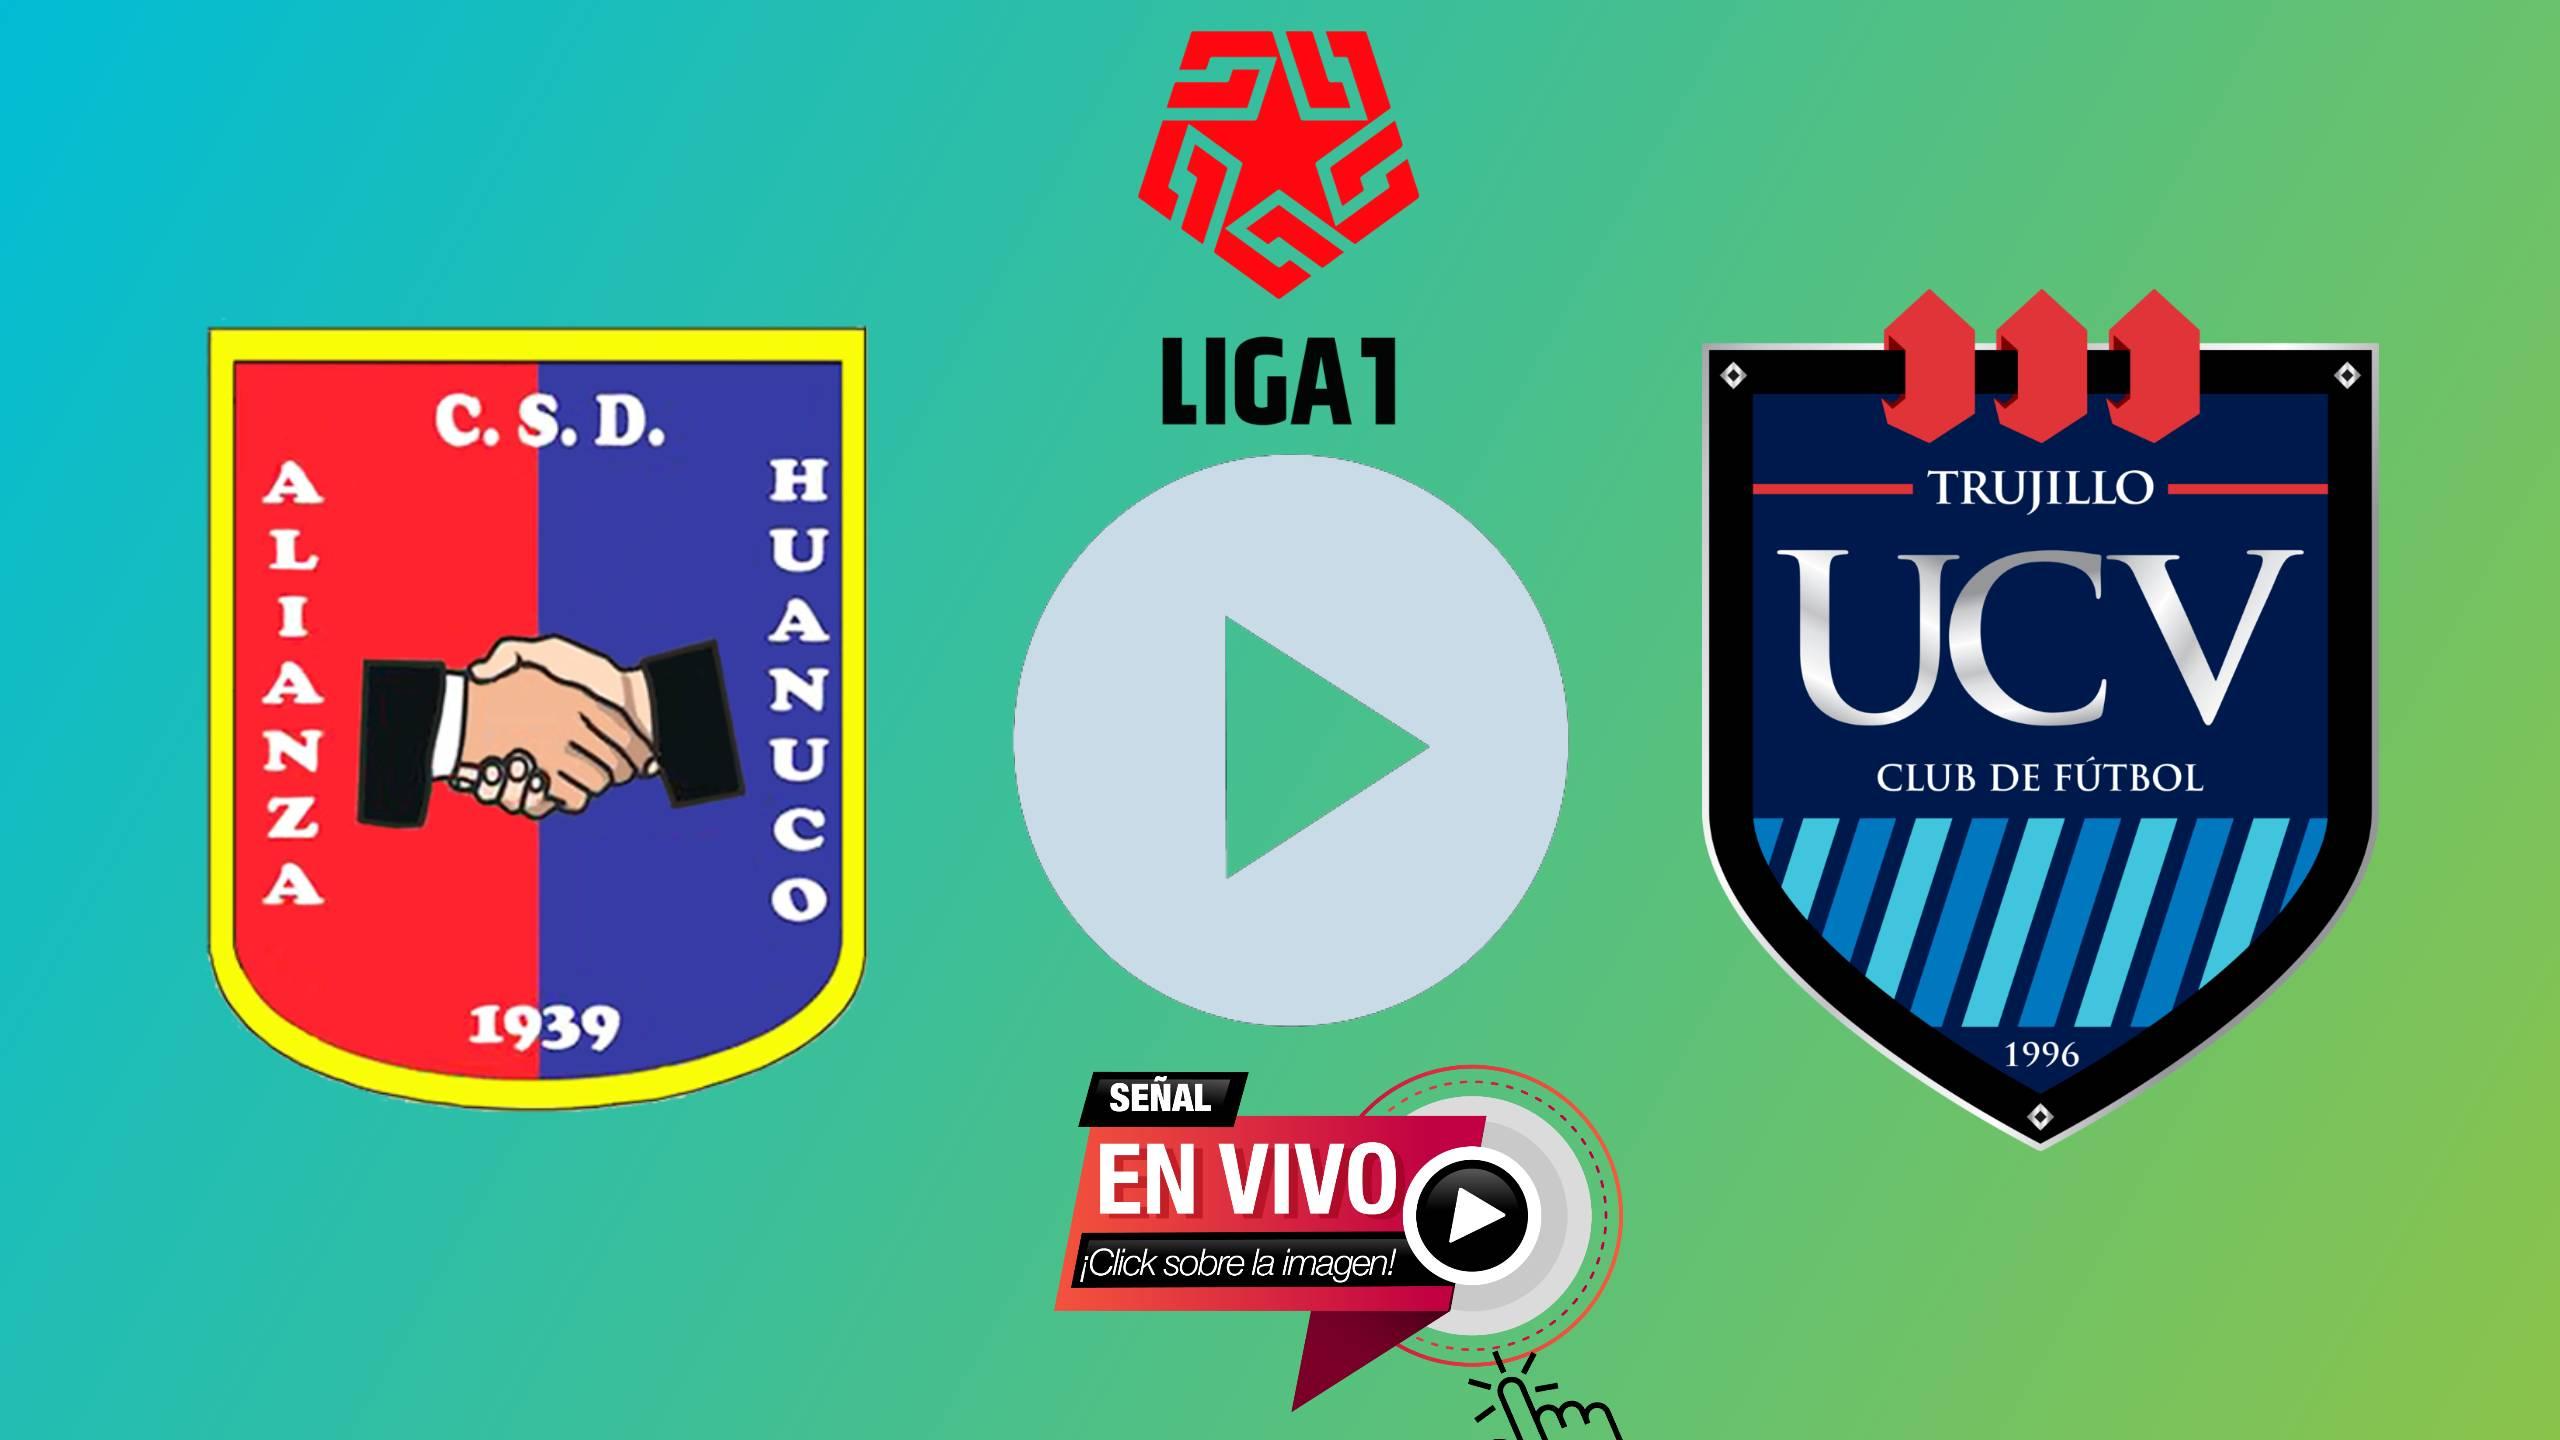 EN DIRECTO Alianza Universidad vs César Vallejo vía DIRECTV POR LA LIGA 1 JORNADA 17